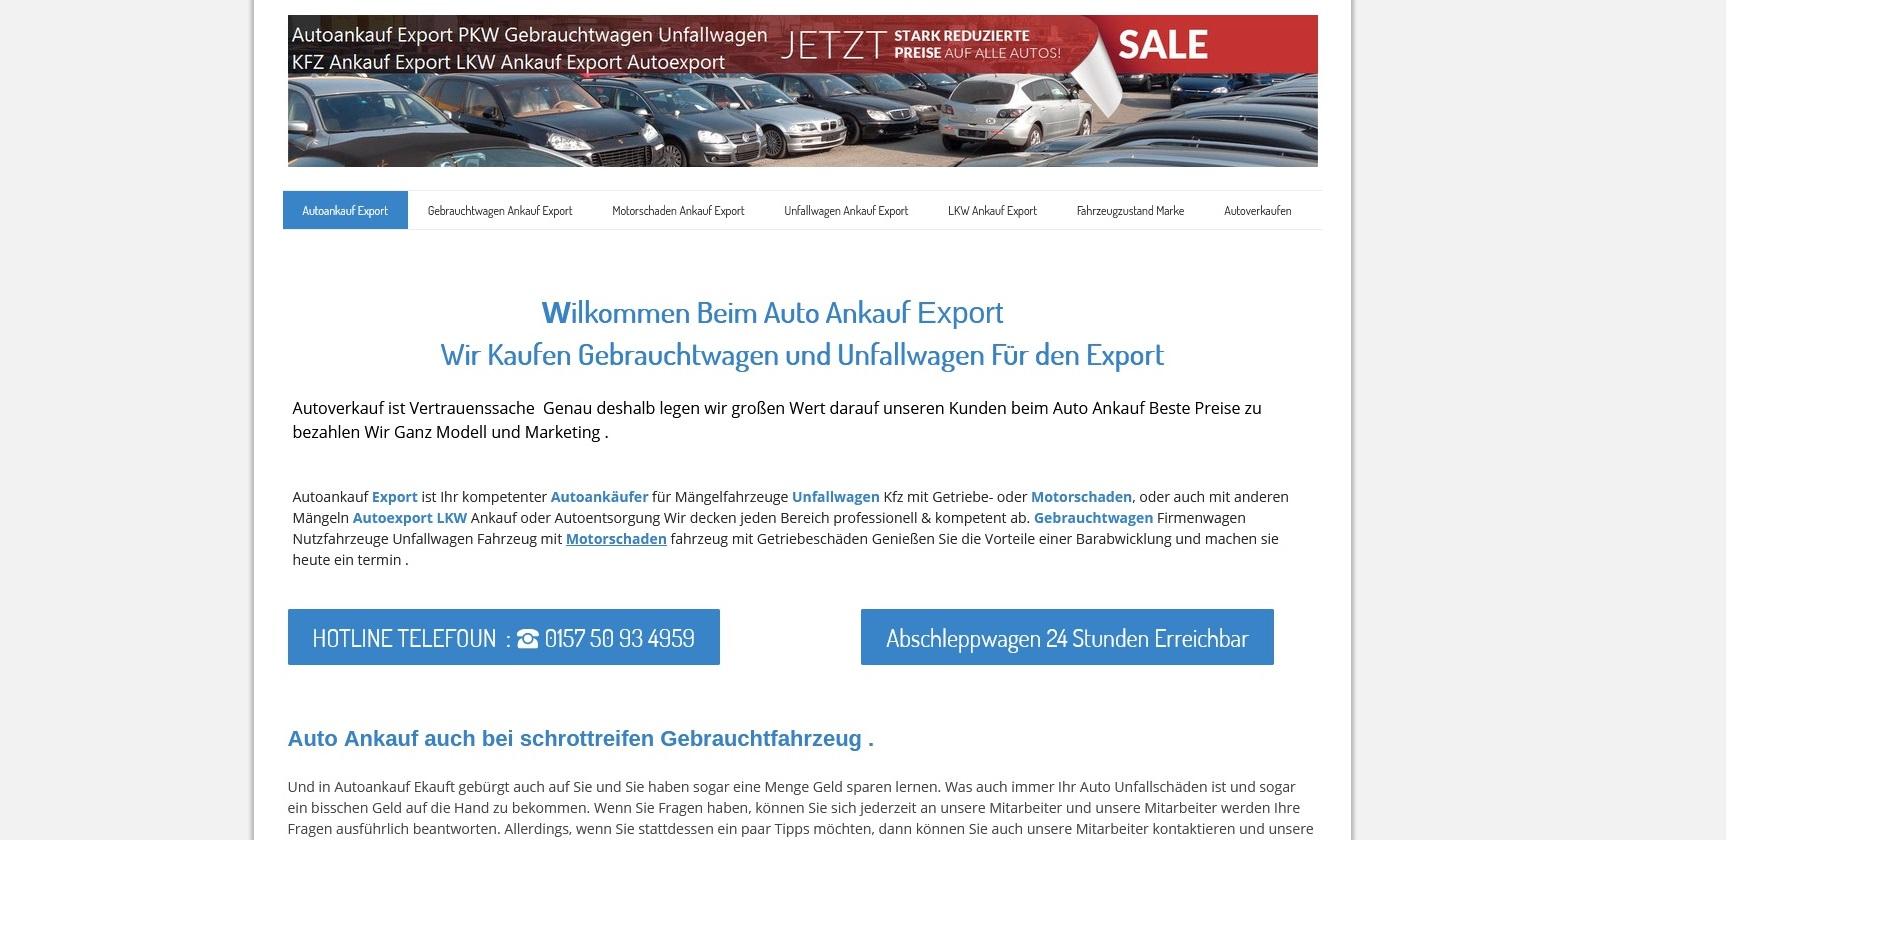 autoankauf elmshorn auto verkaufen ohne dilemma - Autoankauf Elmshorn – Auto verkaufen ohne Dilemma